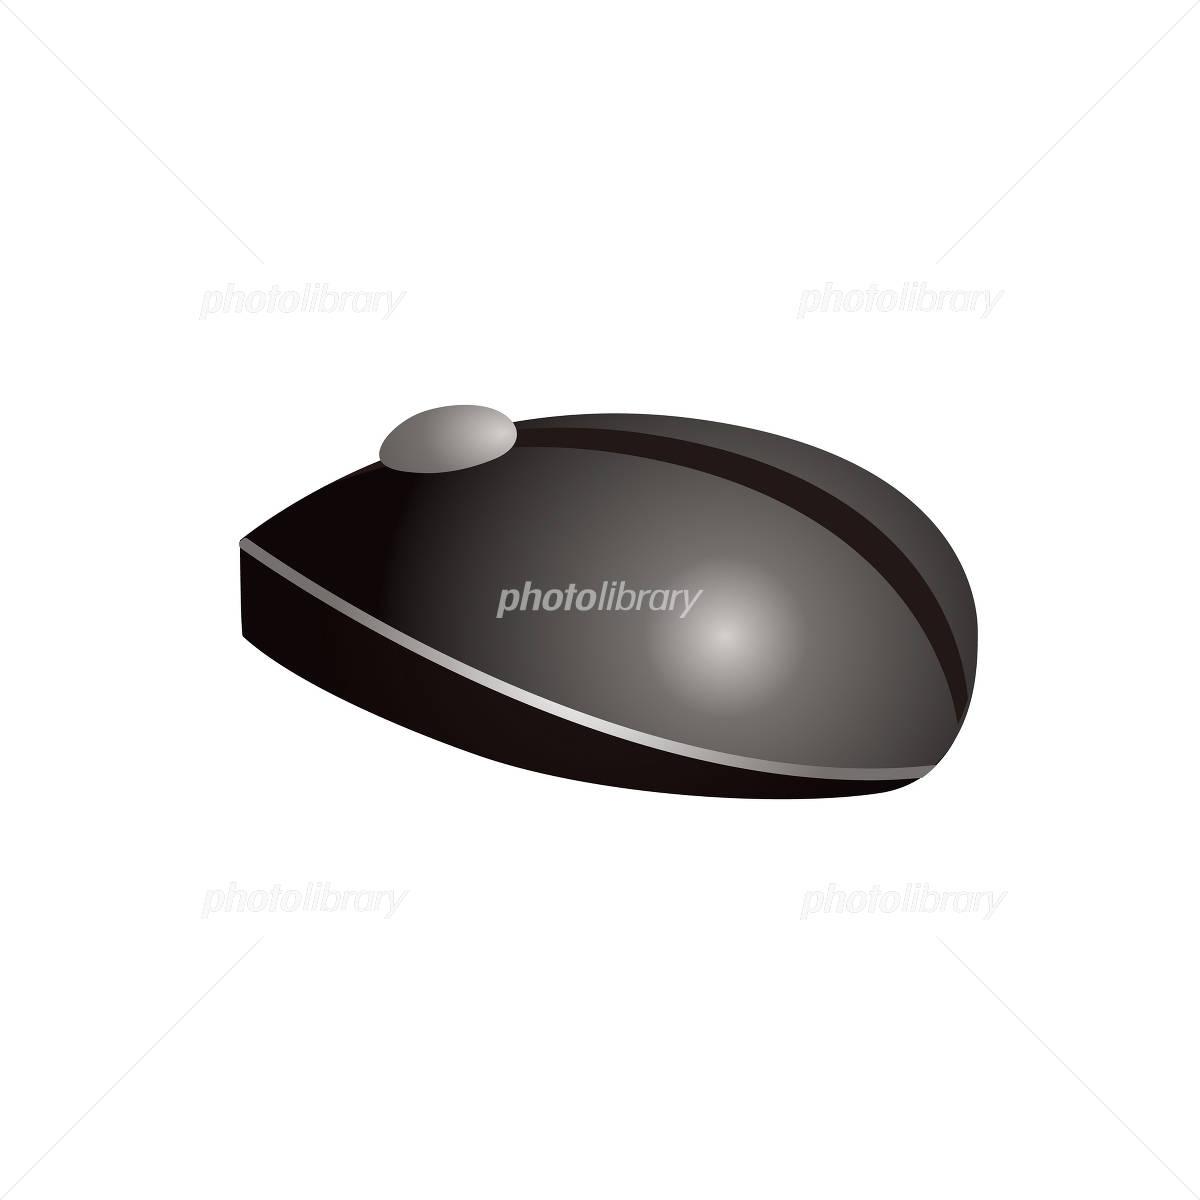 マウスのイラスト イラスト素材 953079 フォトライブラリー